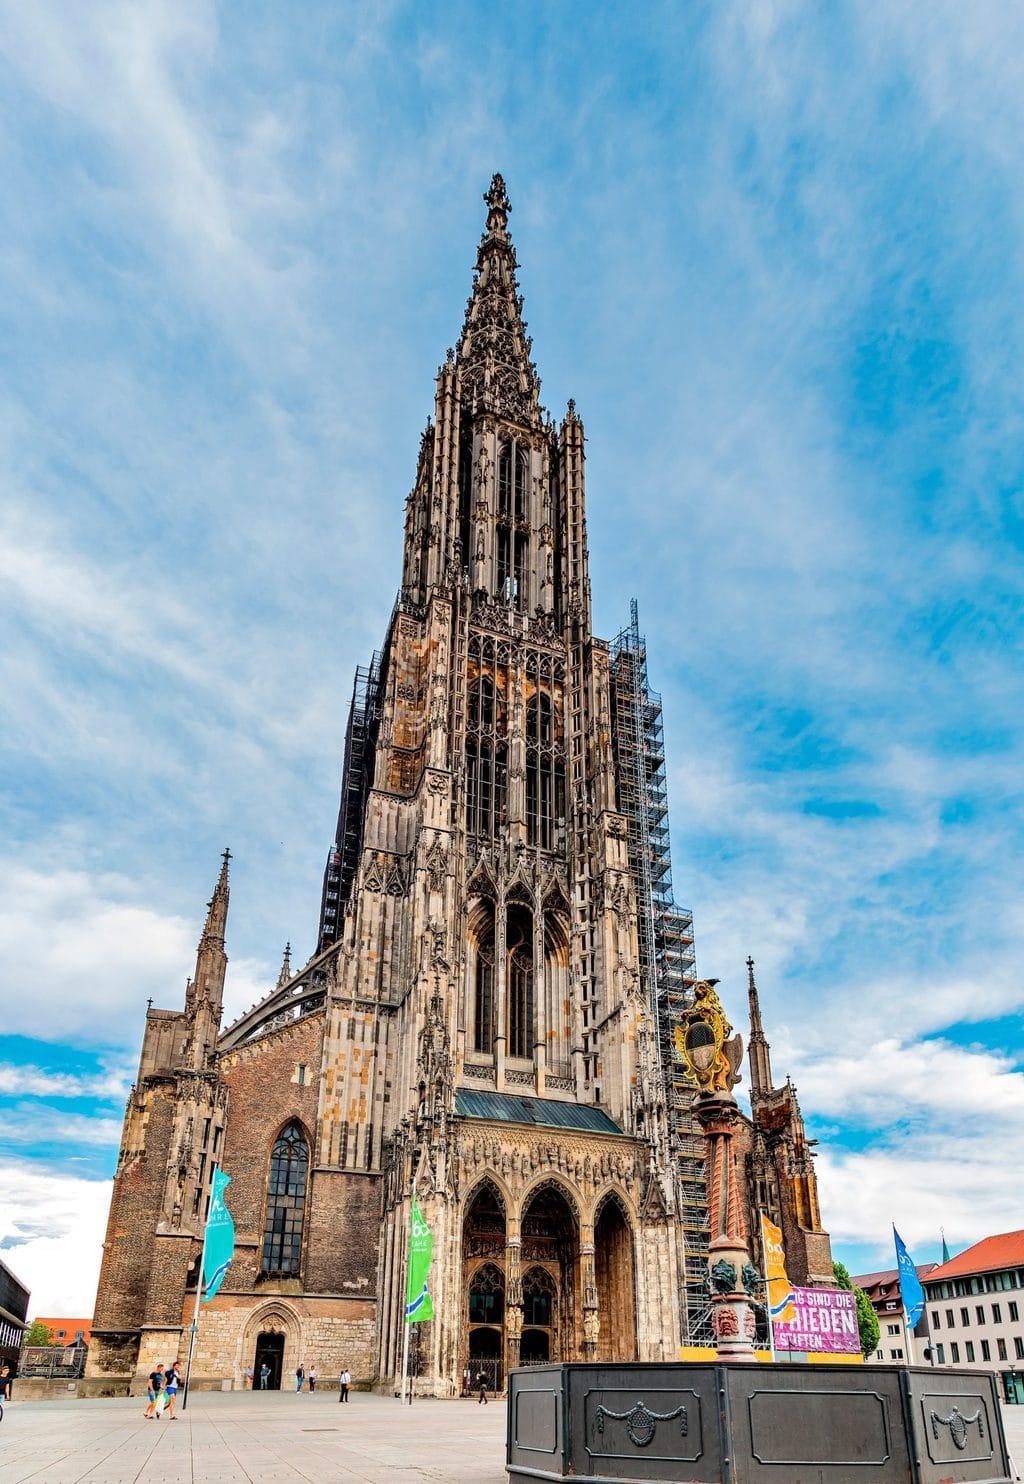 Het Münster van Ulm met de indrukwekkende toren tijdens het wandelen in Baden-Württemberg